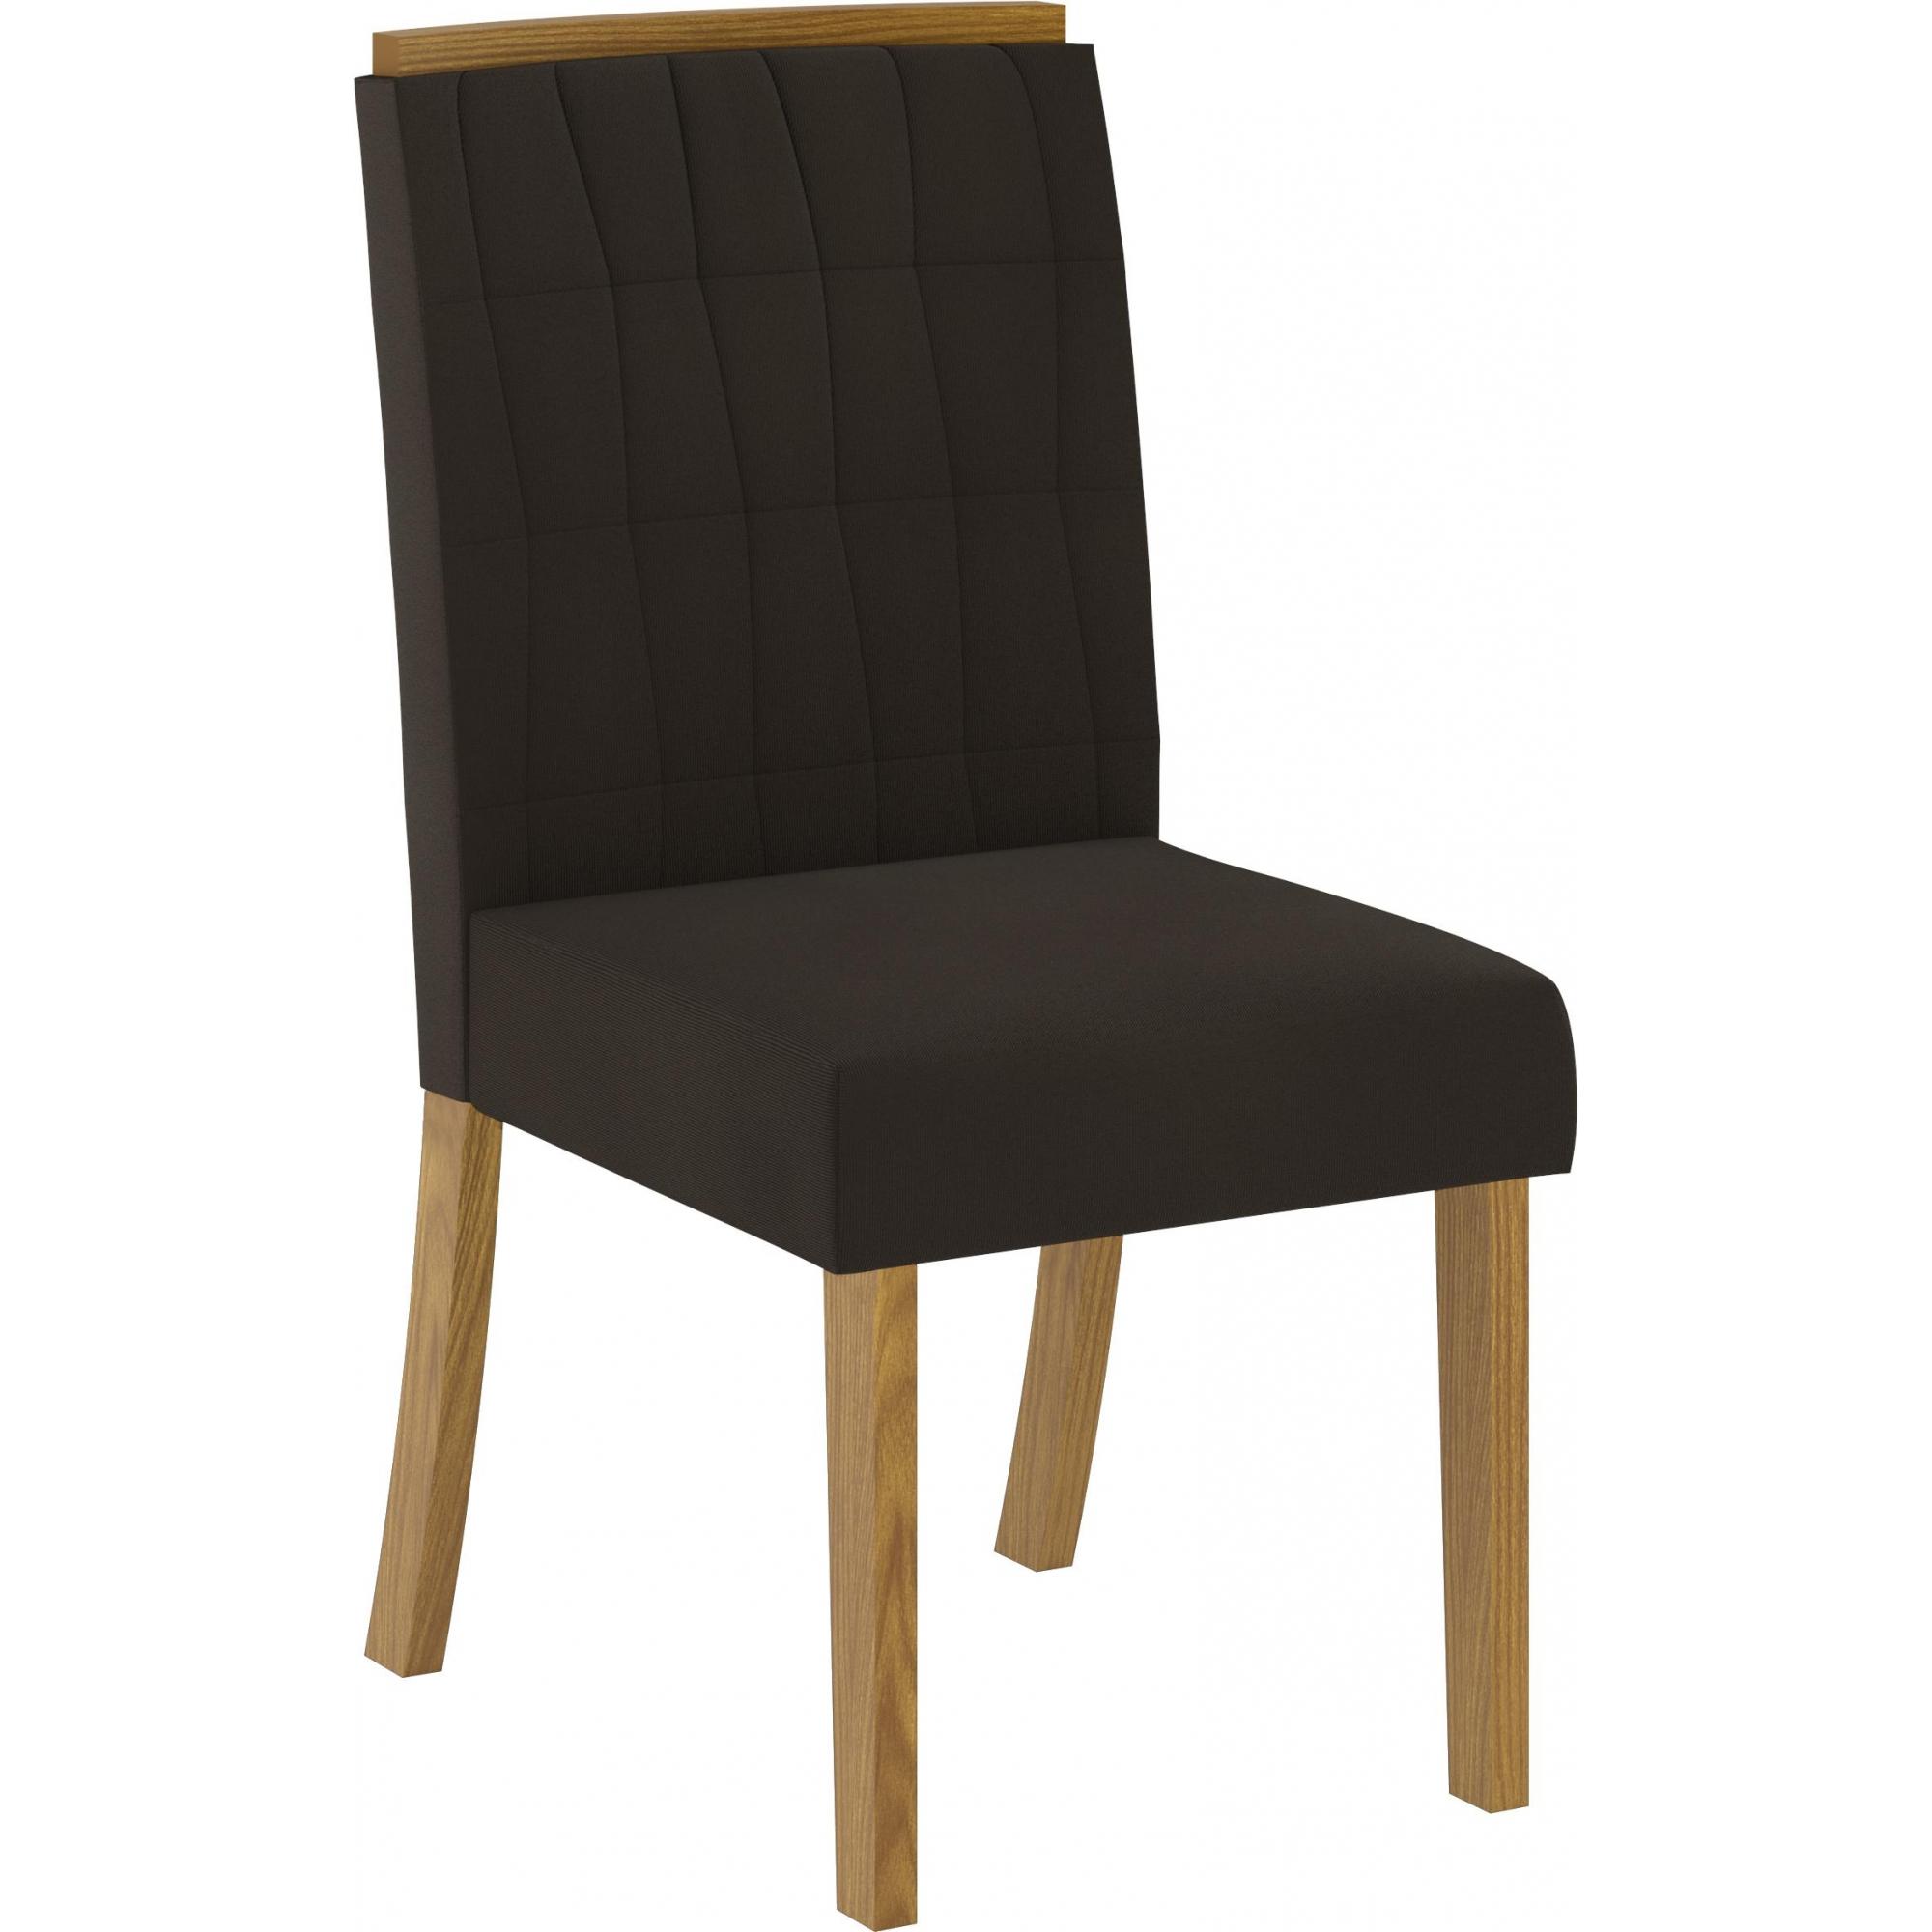 Conjunto de 02 Cadeira para Sala de Jantar Tauá Nature/Marrom - Henn